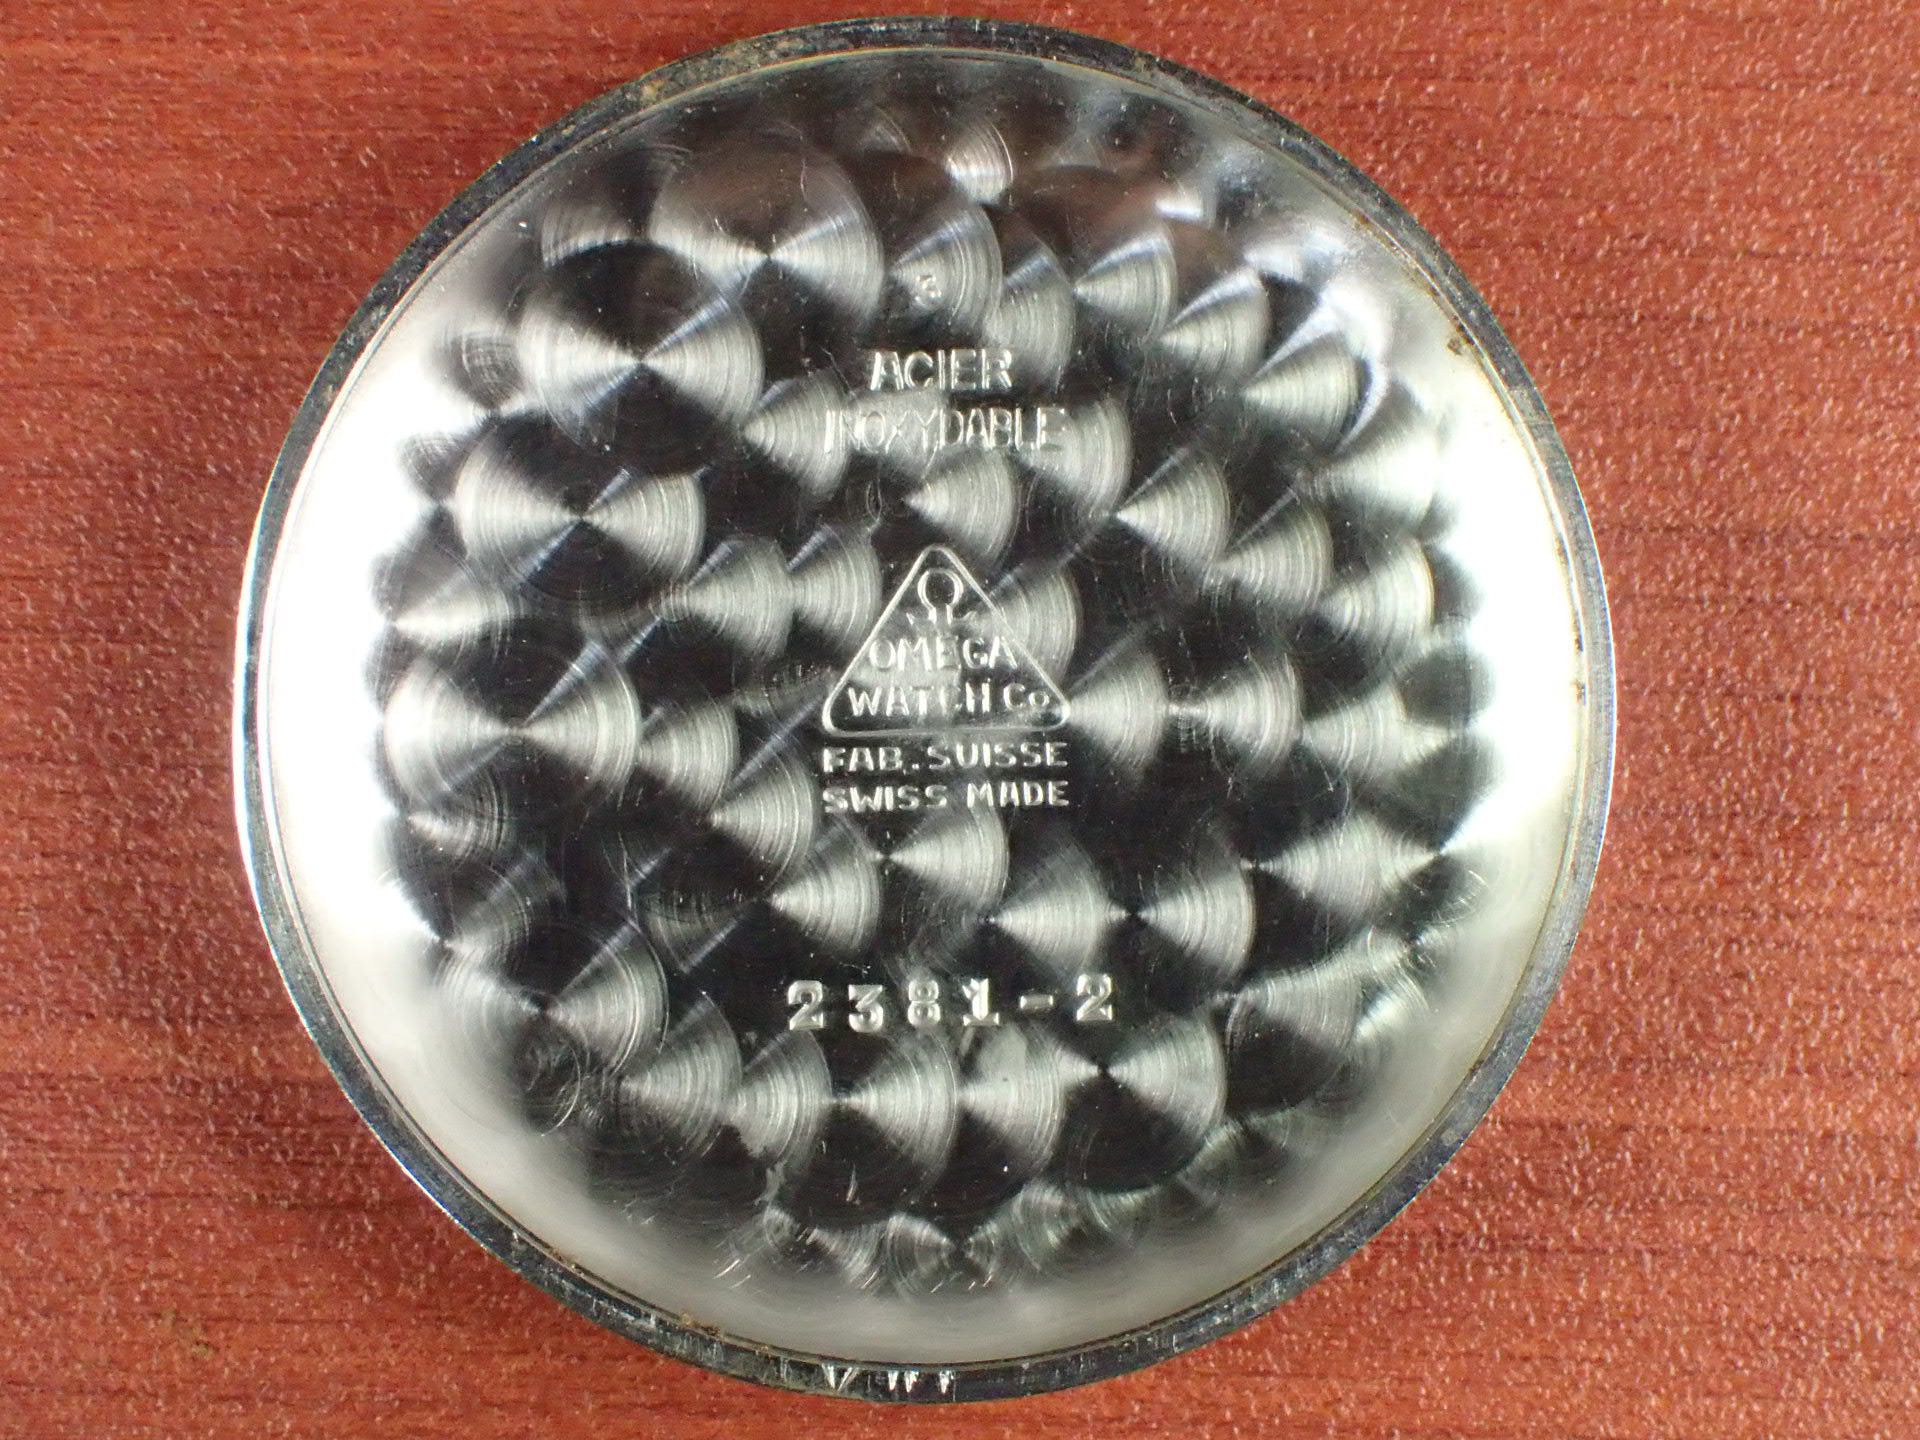 オメガ クロノグラフ キャリバー33.3CHRO ブレゲインデックス 1940年代の写真6枚目